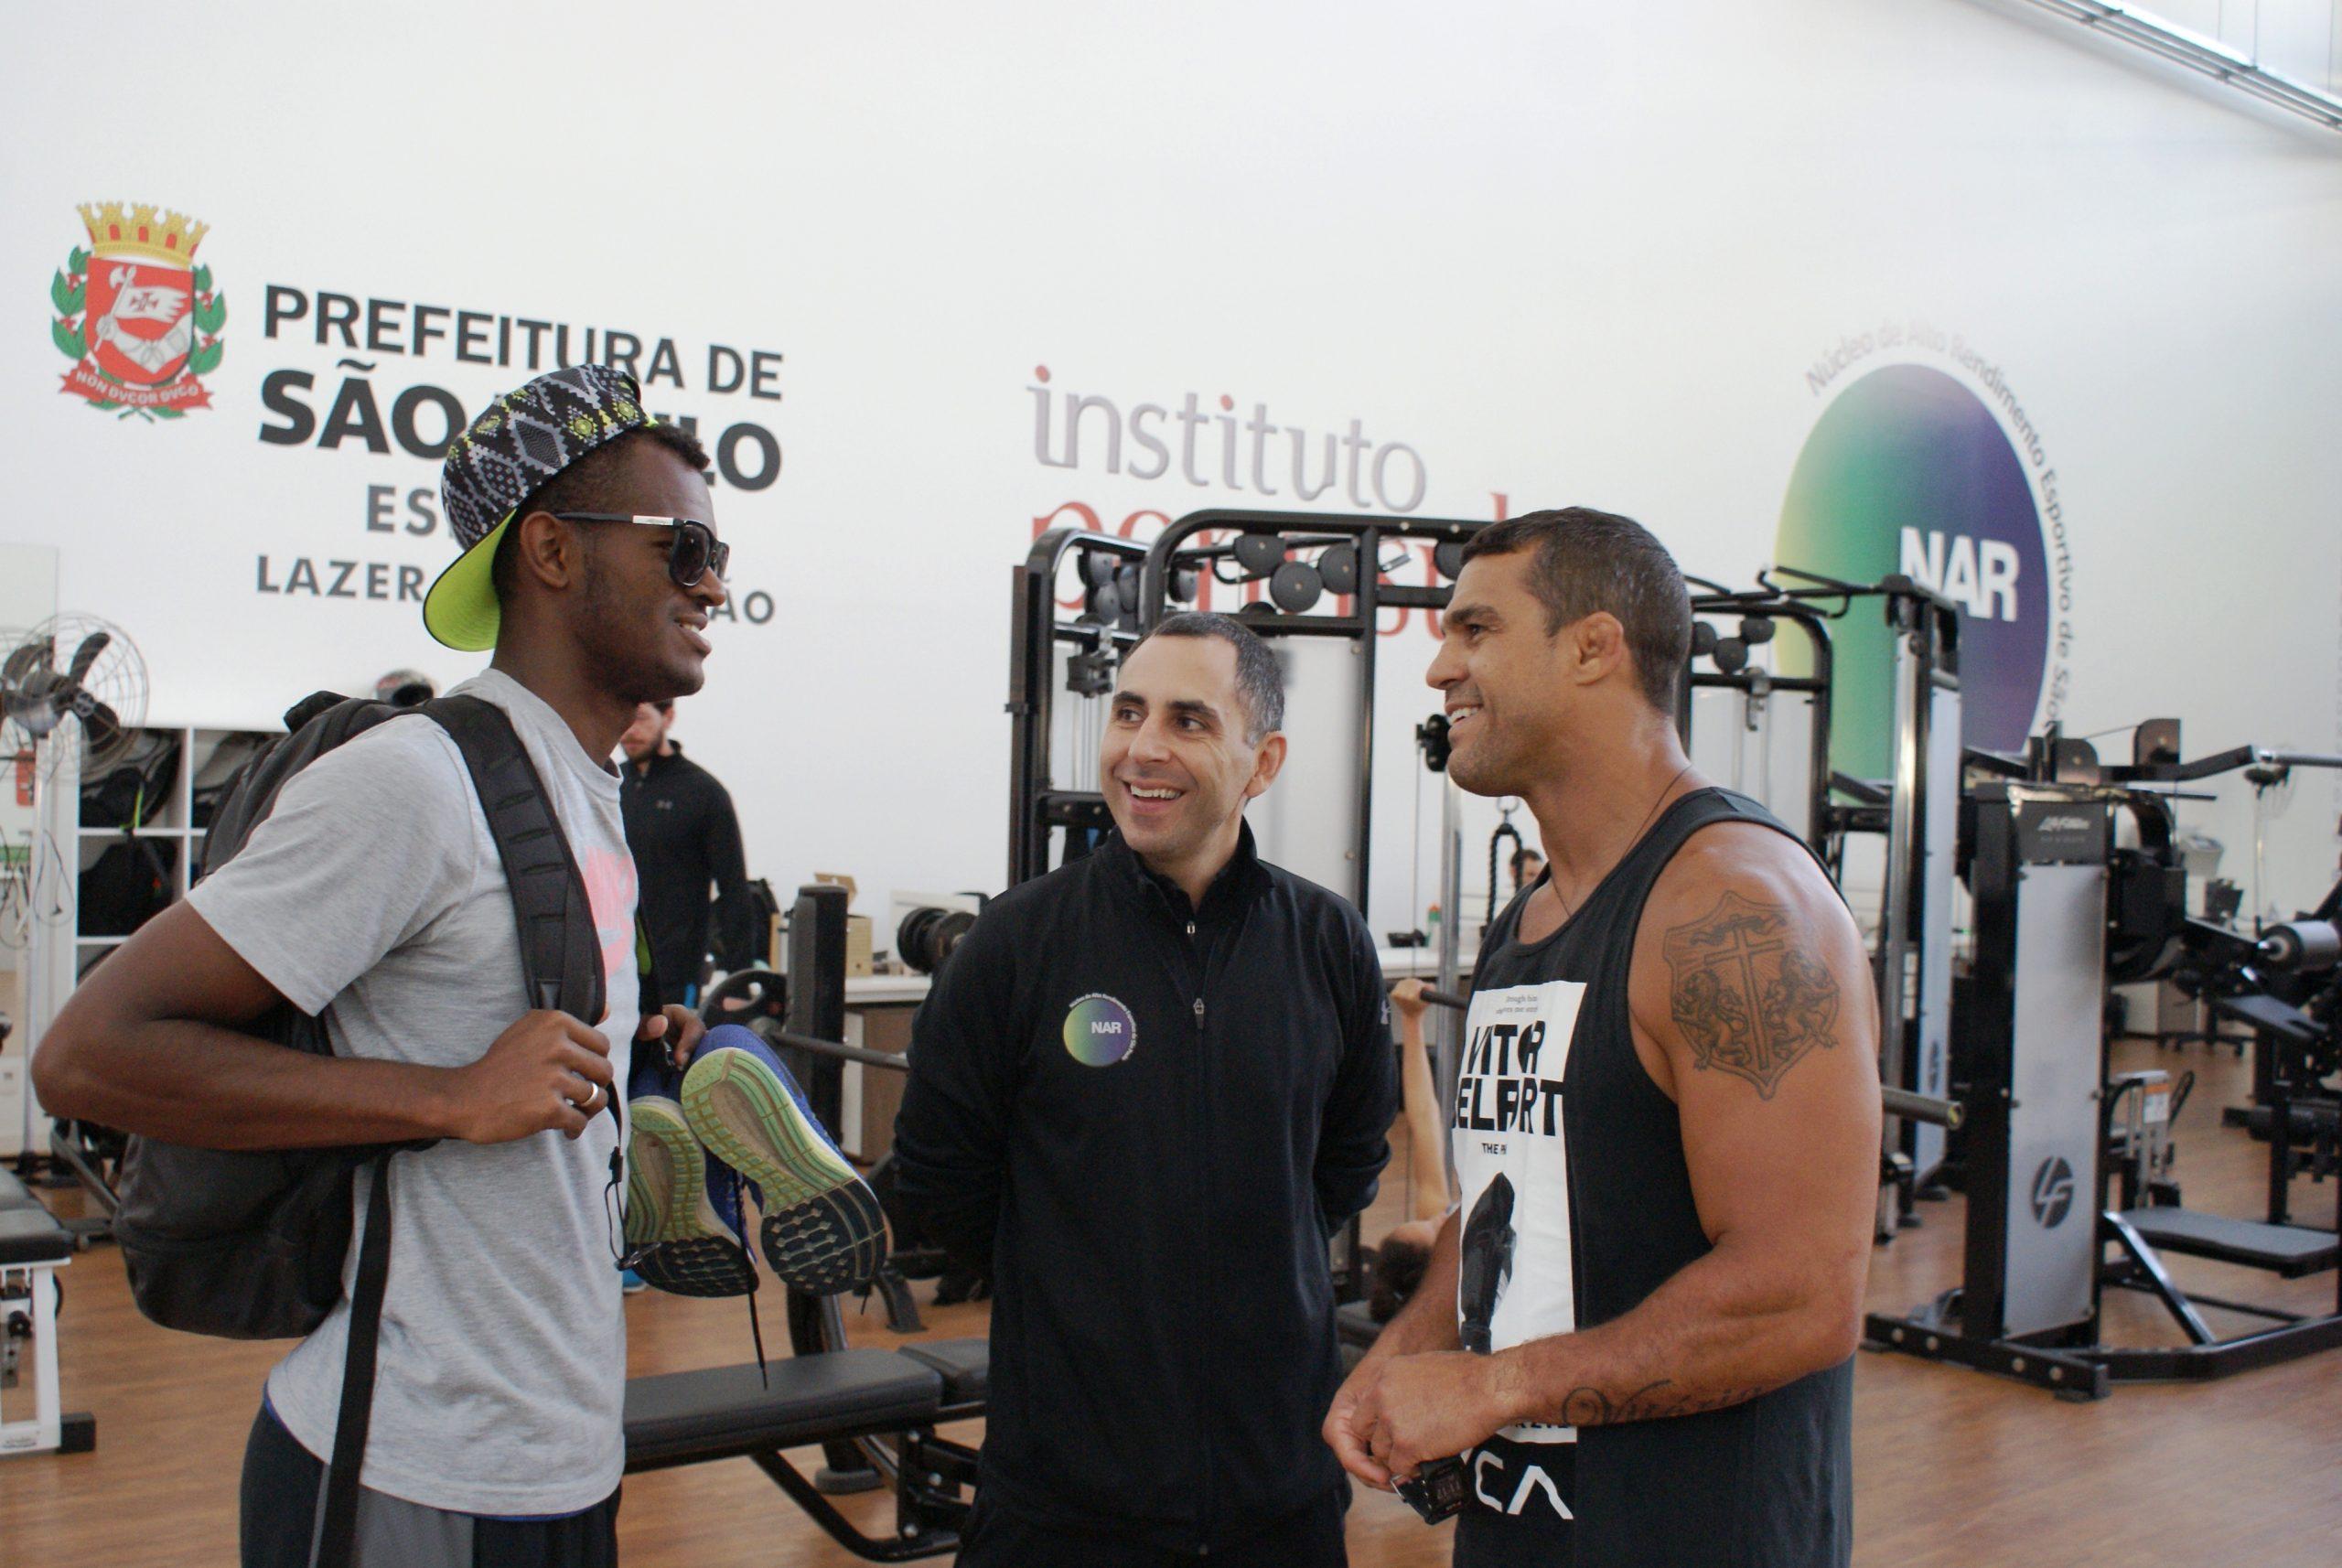 Vitor Belfort inicia preparação para próxima luta no NAR